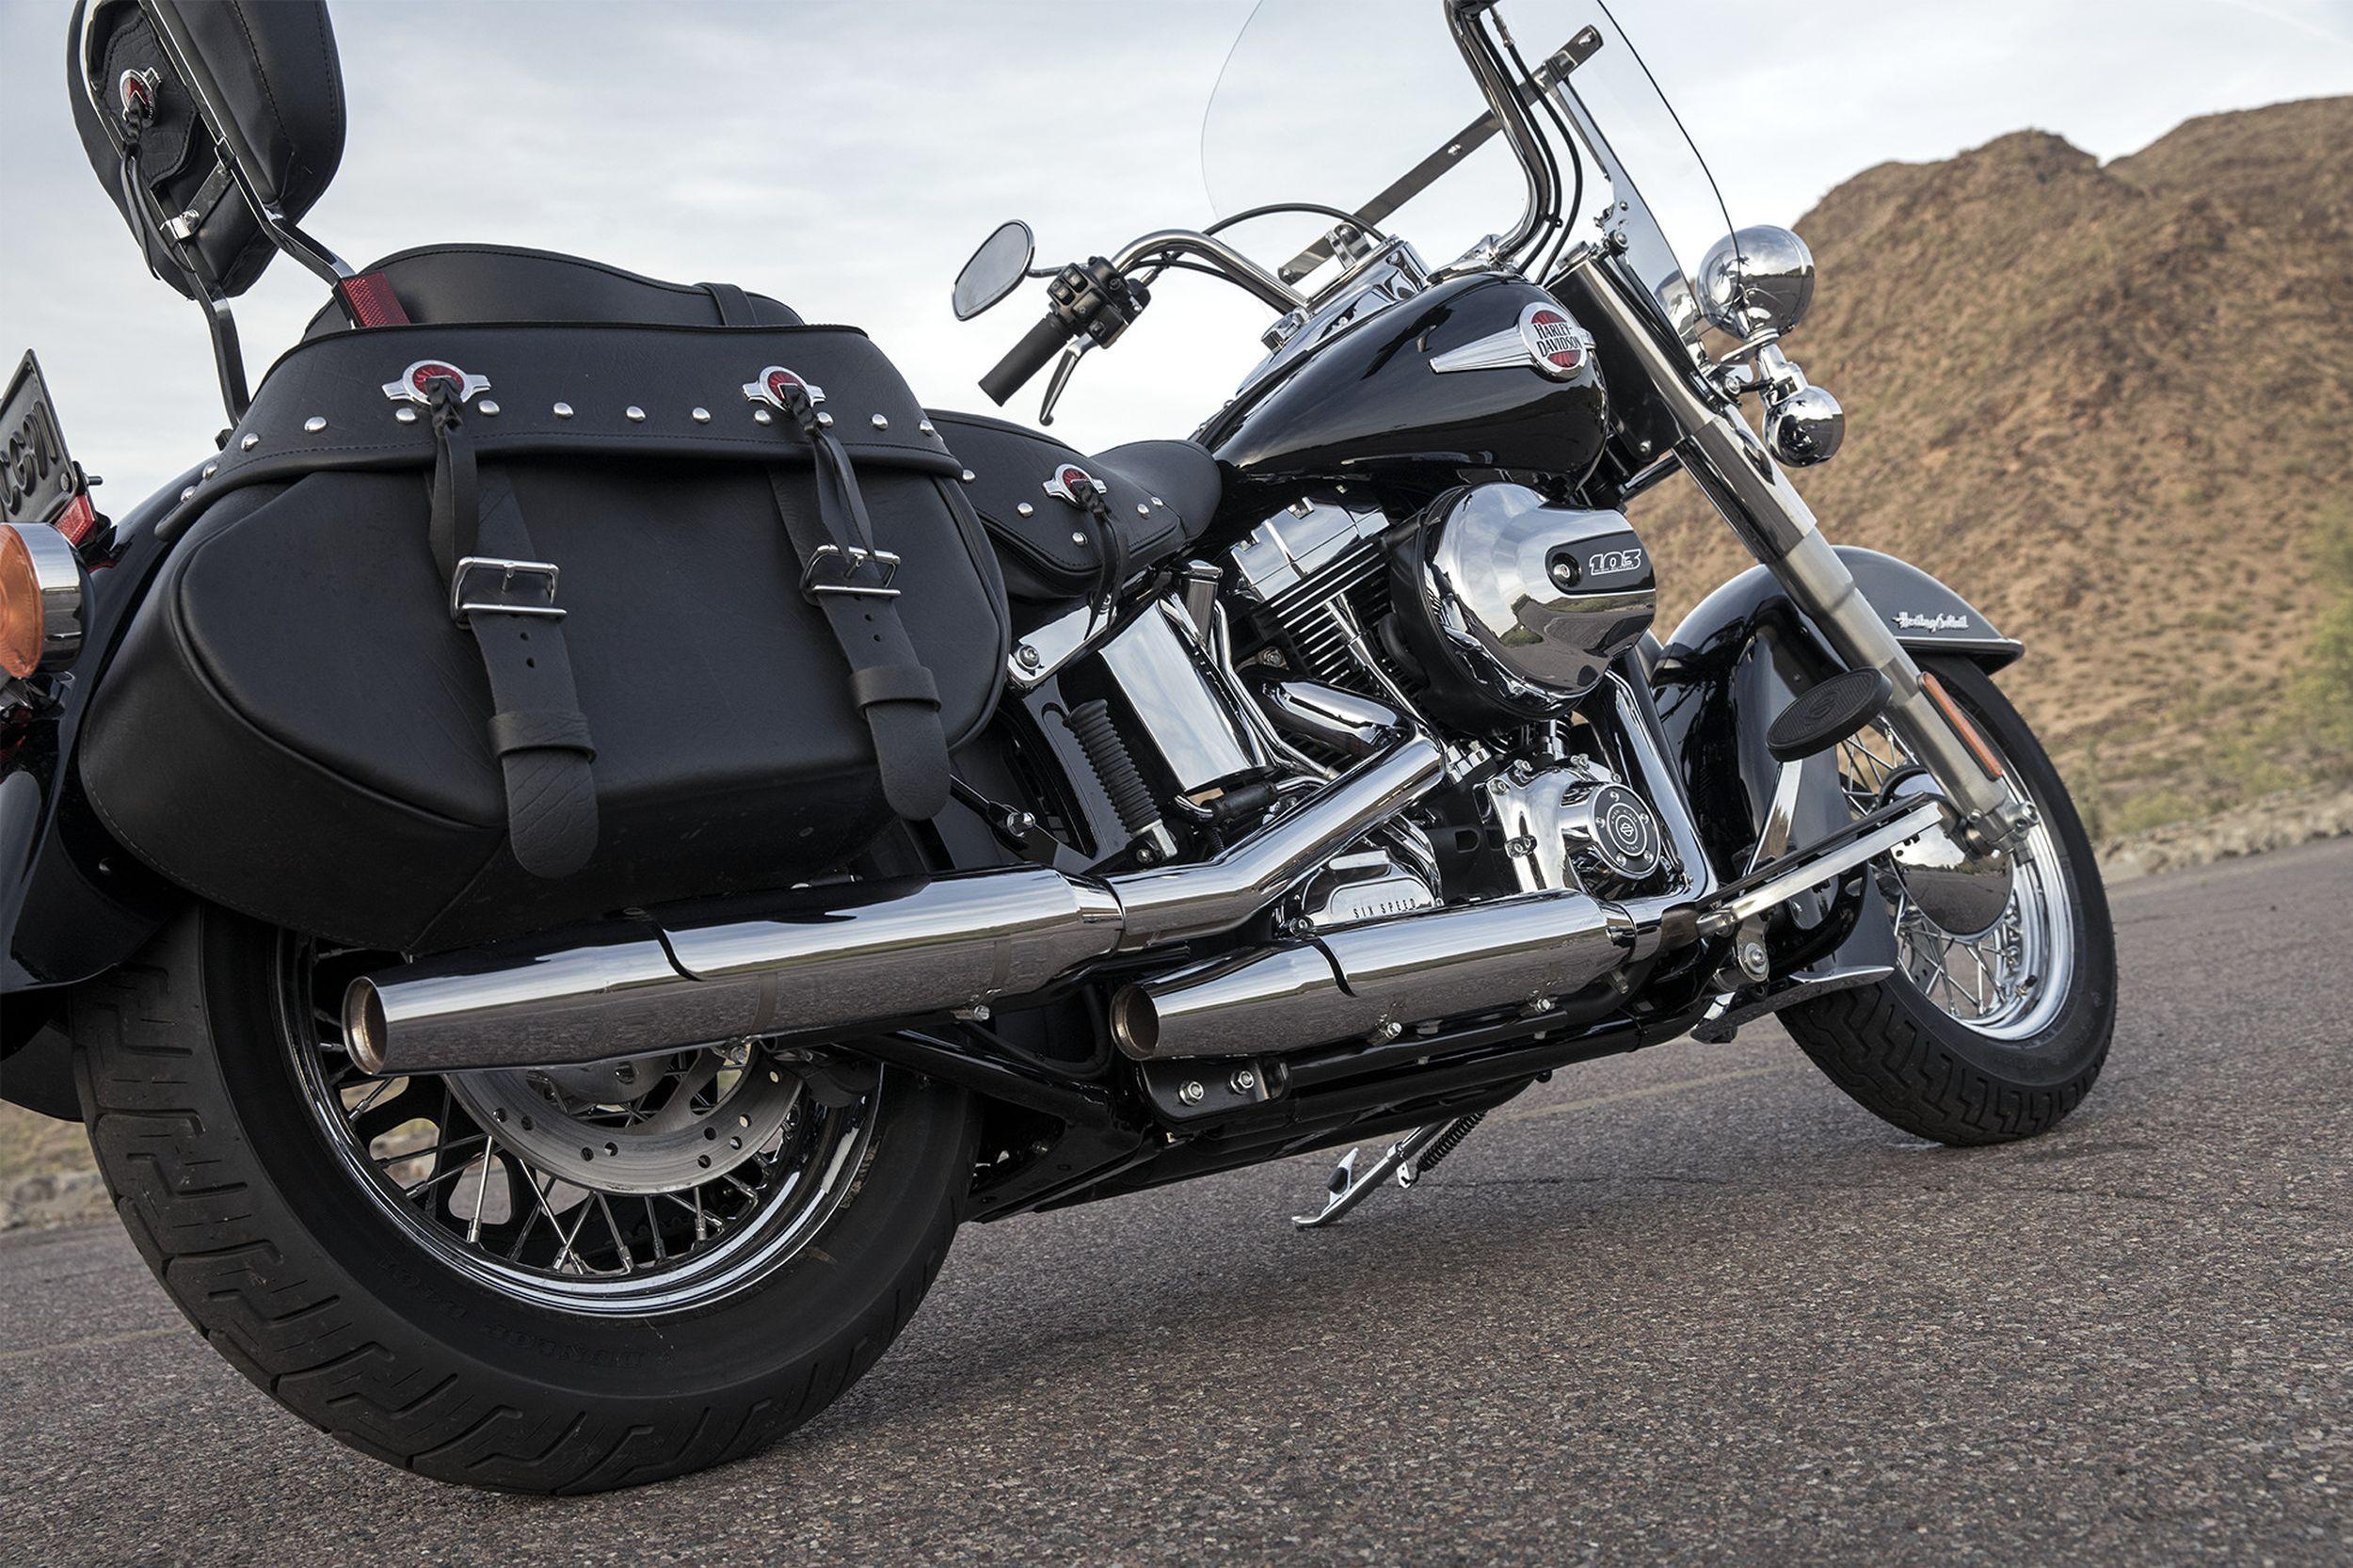 Harley Davidson Softail Heritage Classic Flstc Test Baujahre Bilder 2017